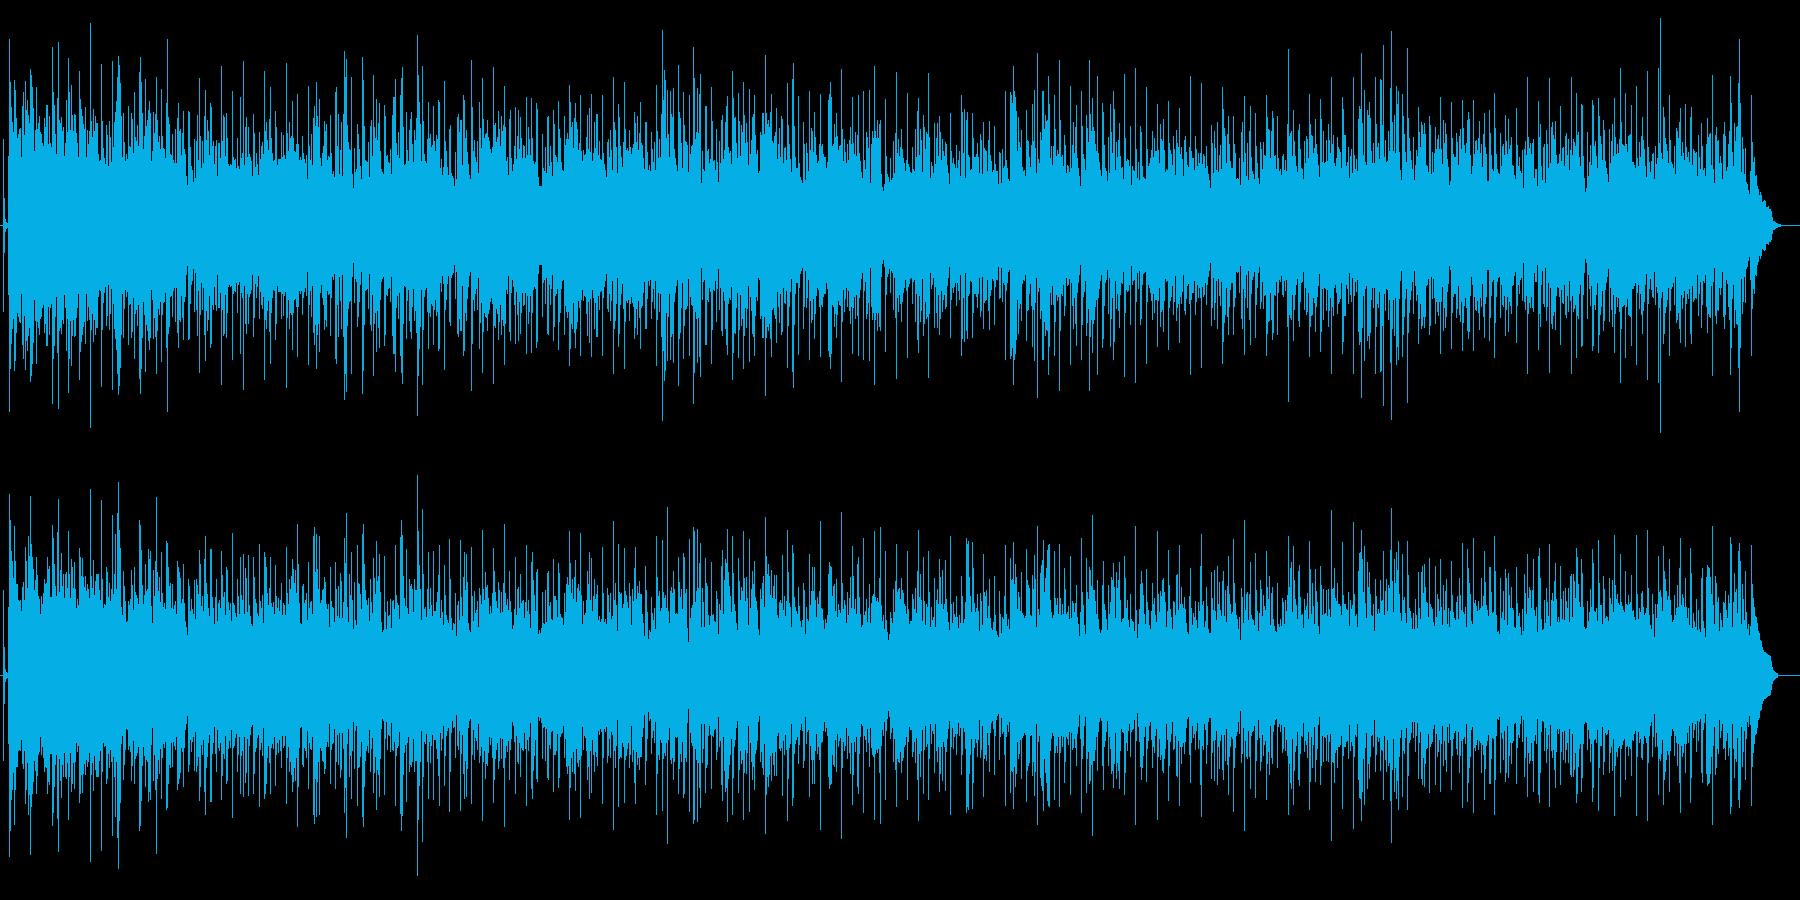 清涼感のあるアコースティック・ロックの再生済みの波形